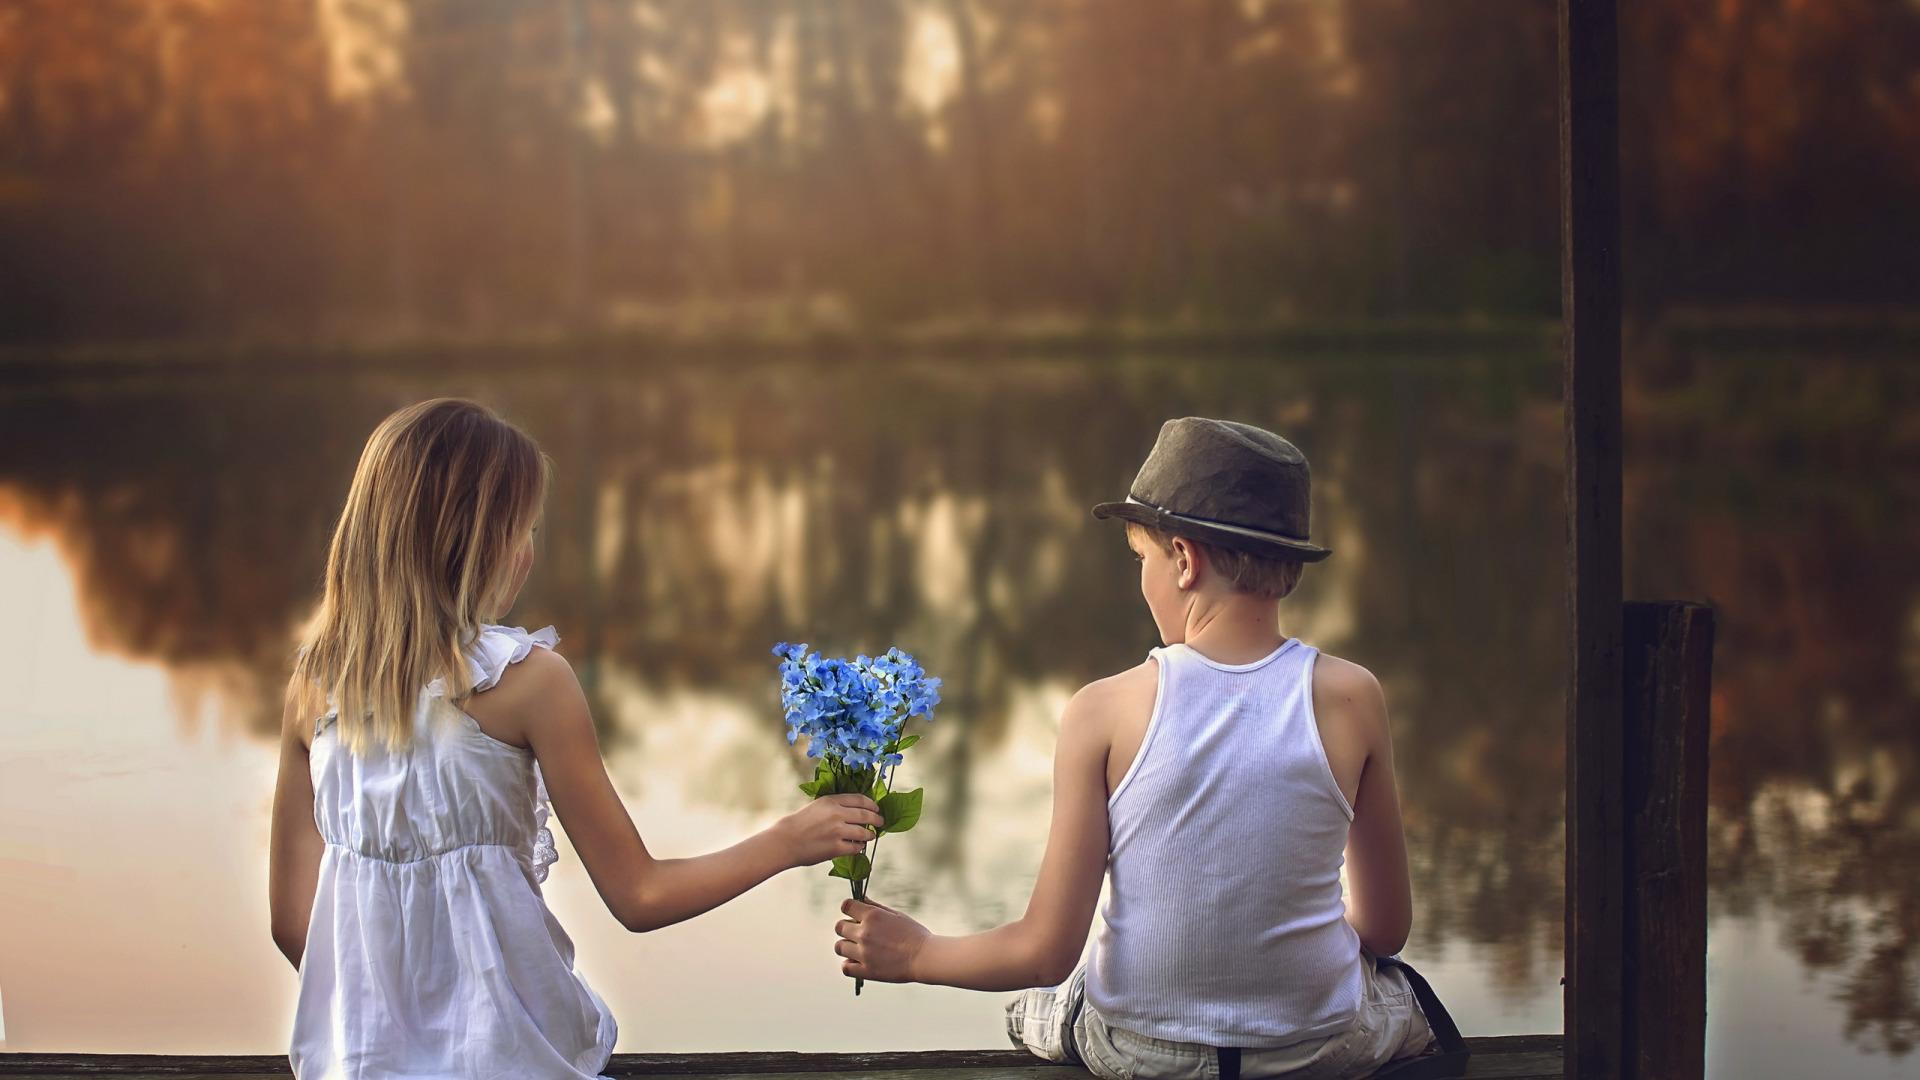 Фото мальчика и девушка, Boy And Girl Love Фото со стоков и изображения 14 фотография